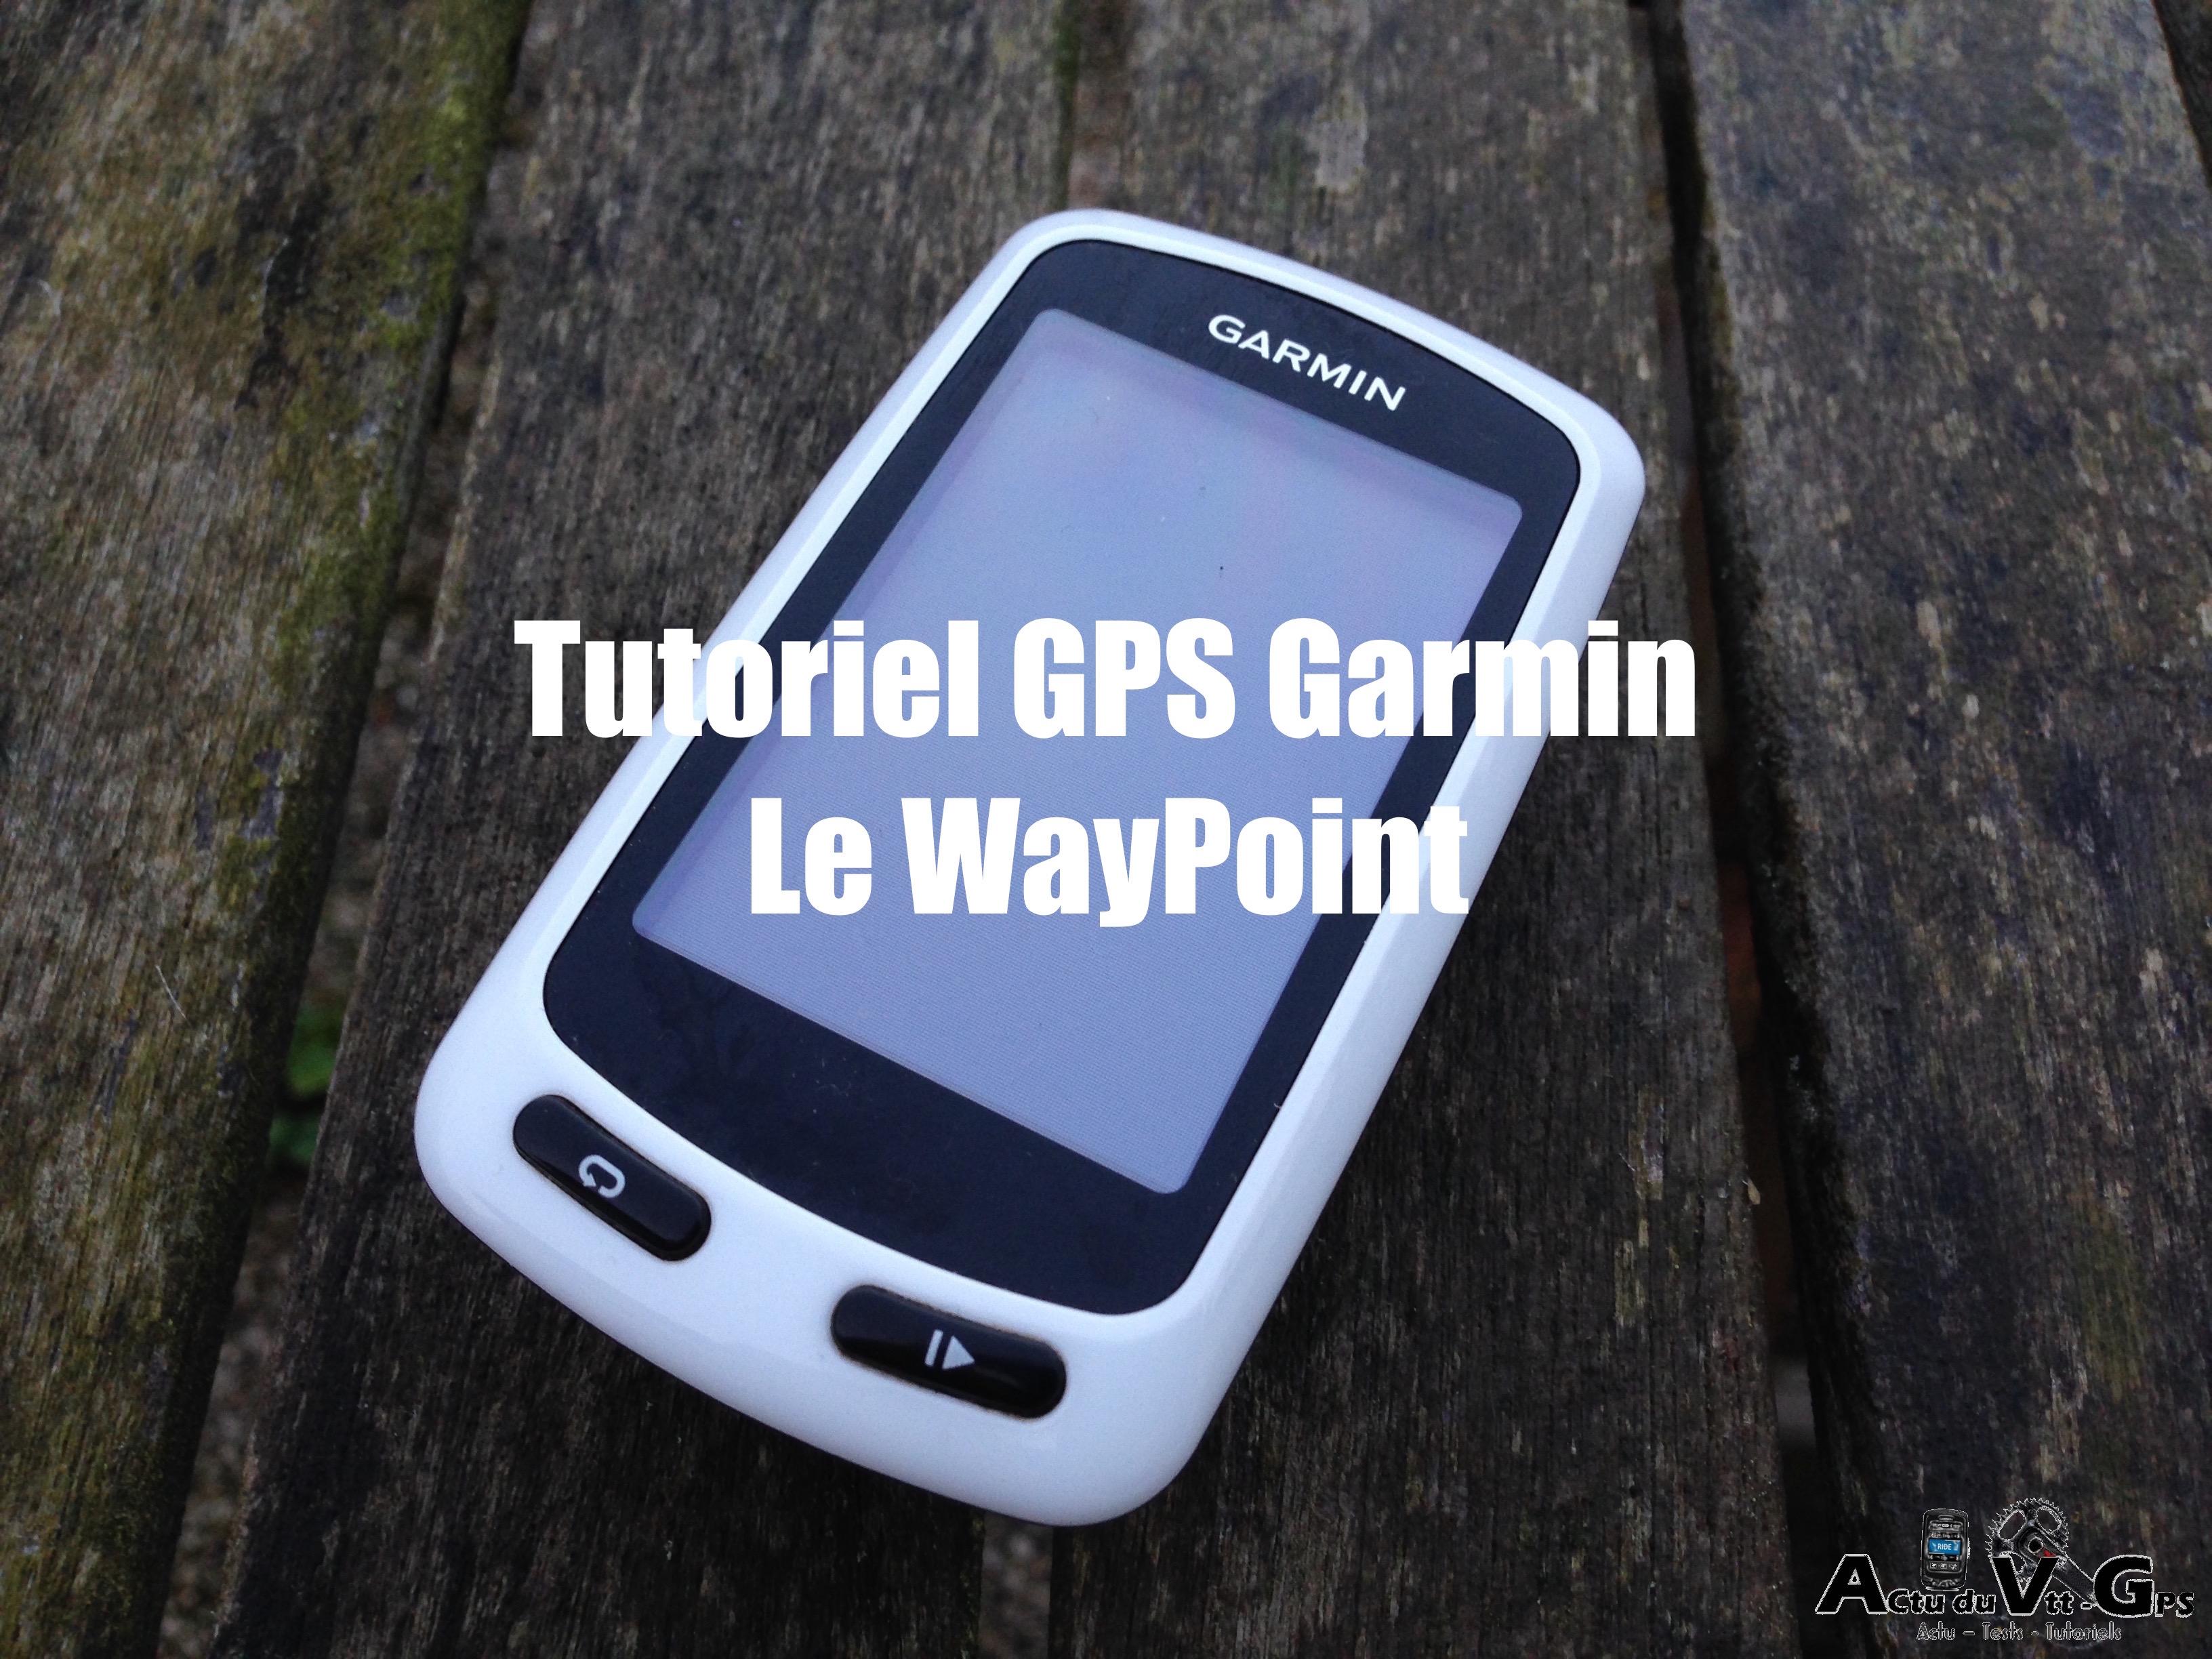 LES WAYPOINT: LES CREER OU LES SUPPRIMER SUR UN GPS GARMIN…